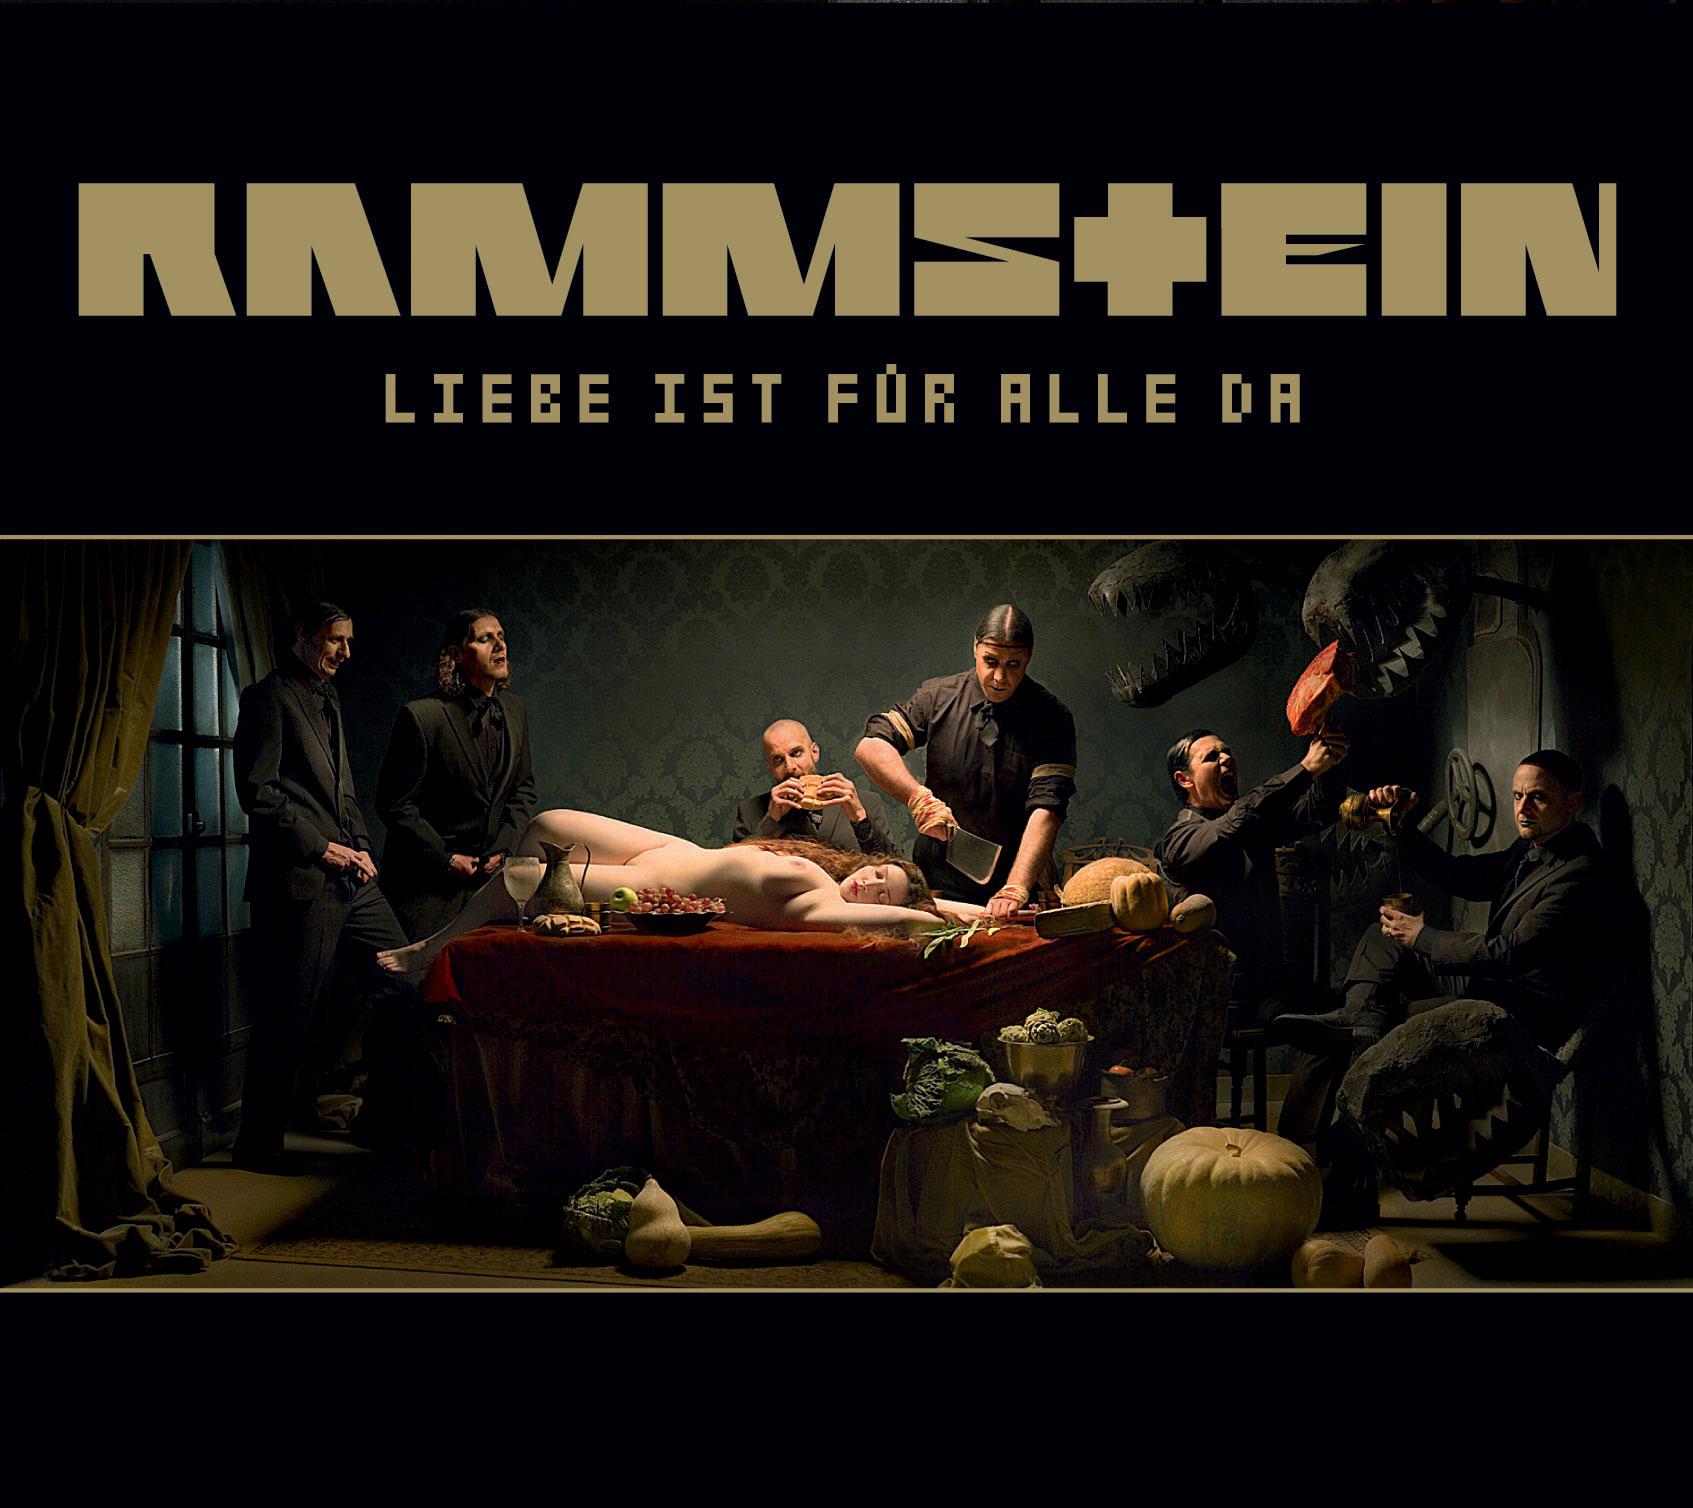 http://tanakamusic.com/wp-content/uploads/2010/01/Rammstein-%E2%80%93-Liebe-ist-f%C3%BCr-alle-da.jpg